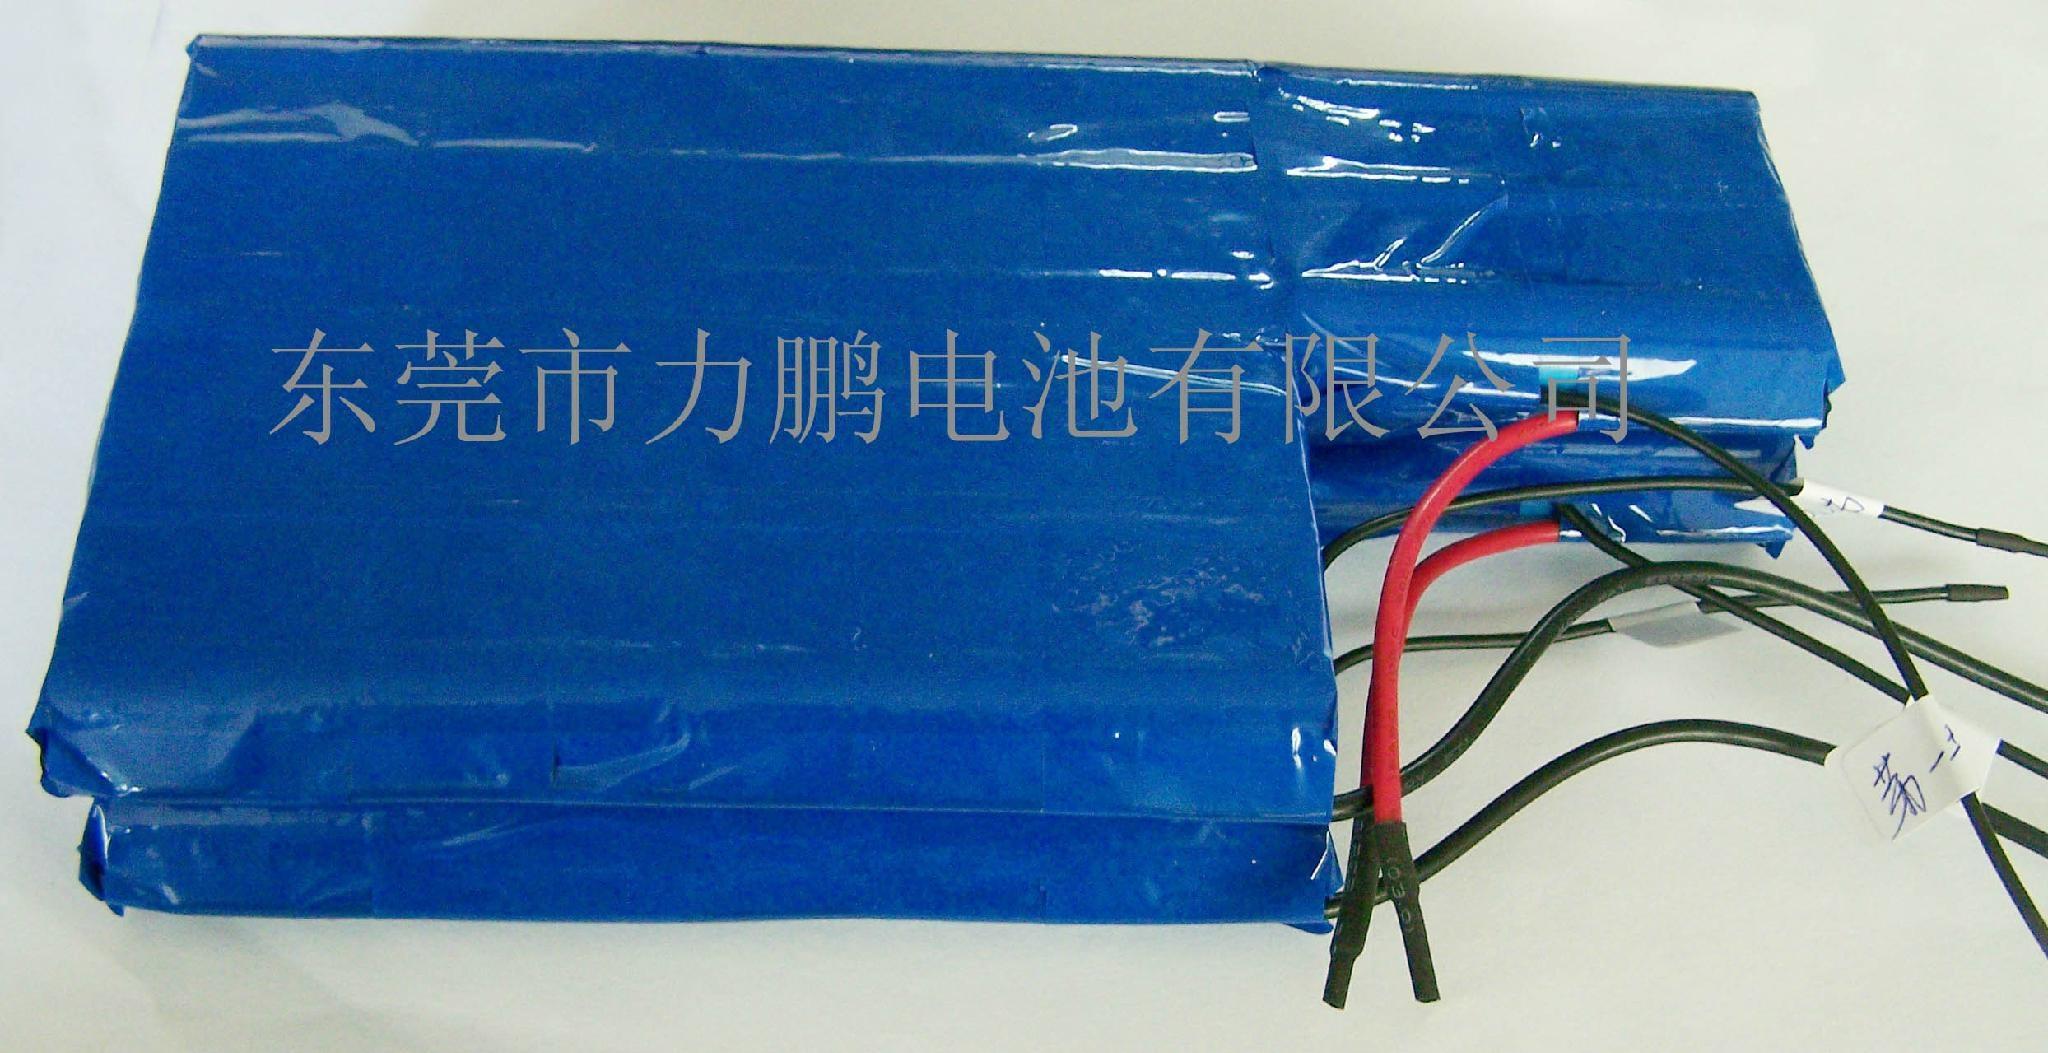 电池厂供应矿灯3.7V18650锂电池组15个并联组合钓鱼灯  1